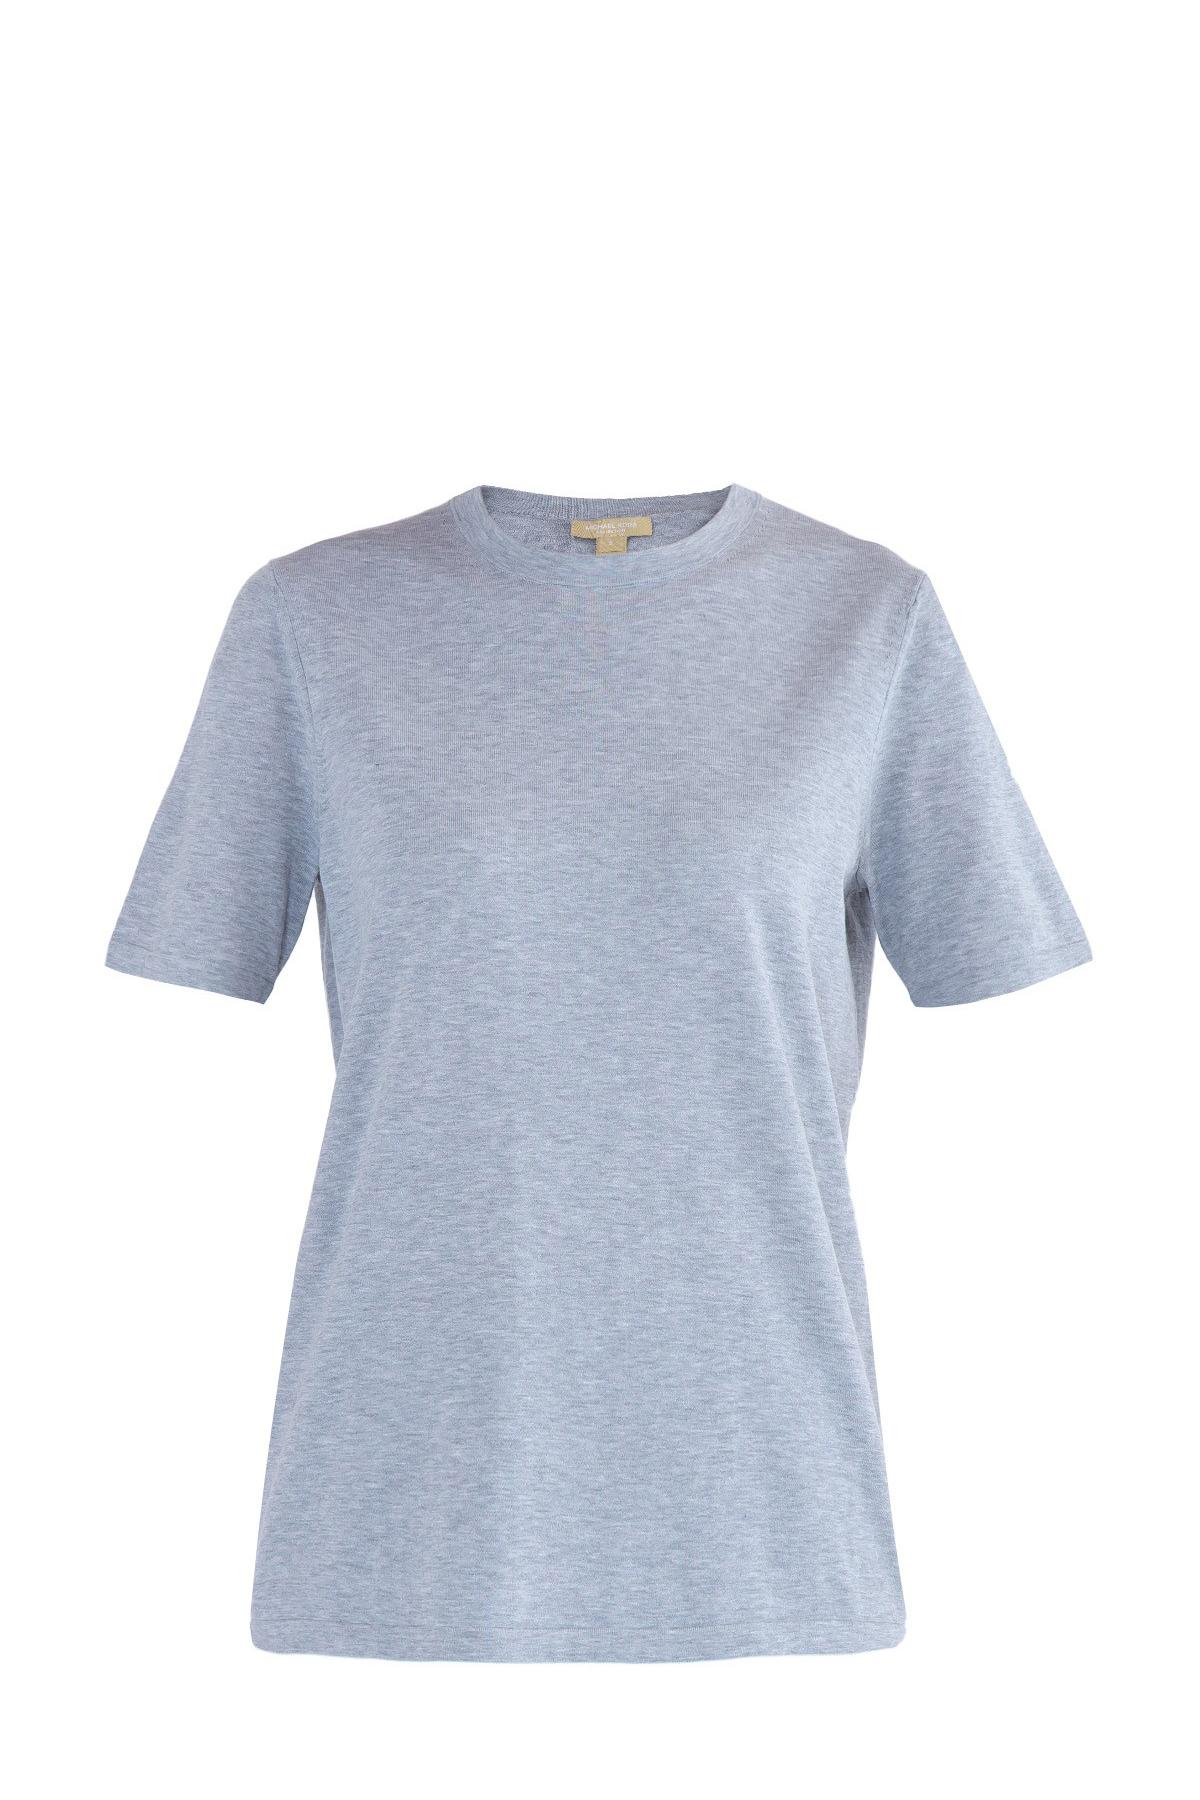 футболкаФутболки, топы<br><br>Материал: хлопок 100%;